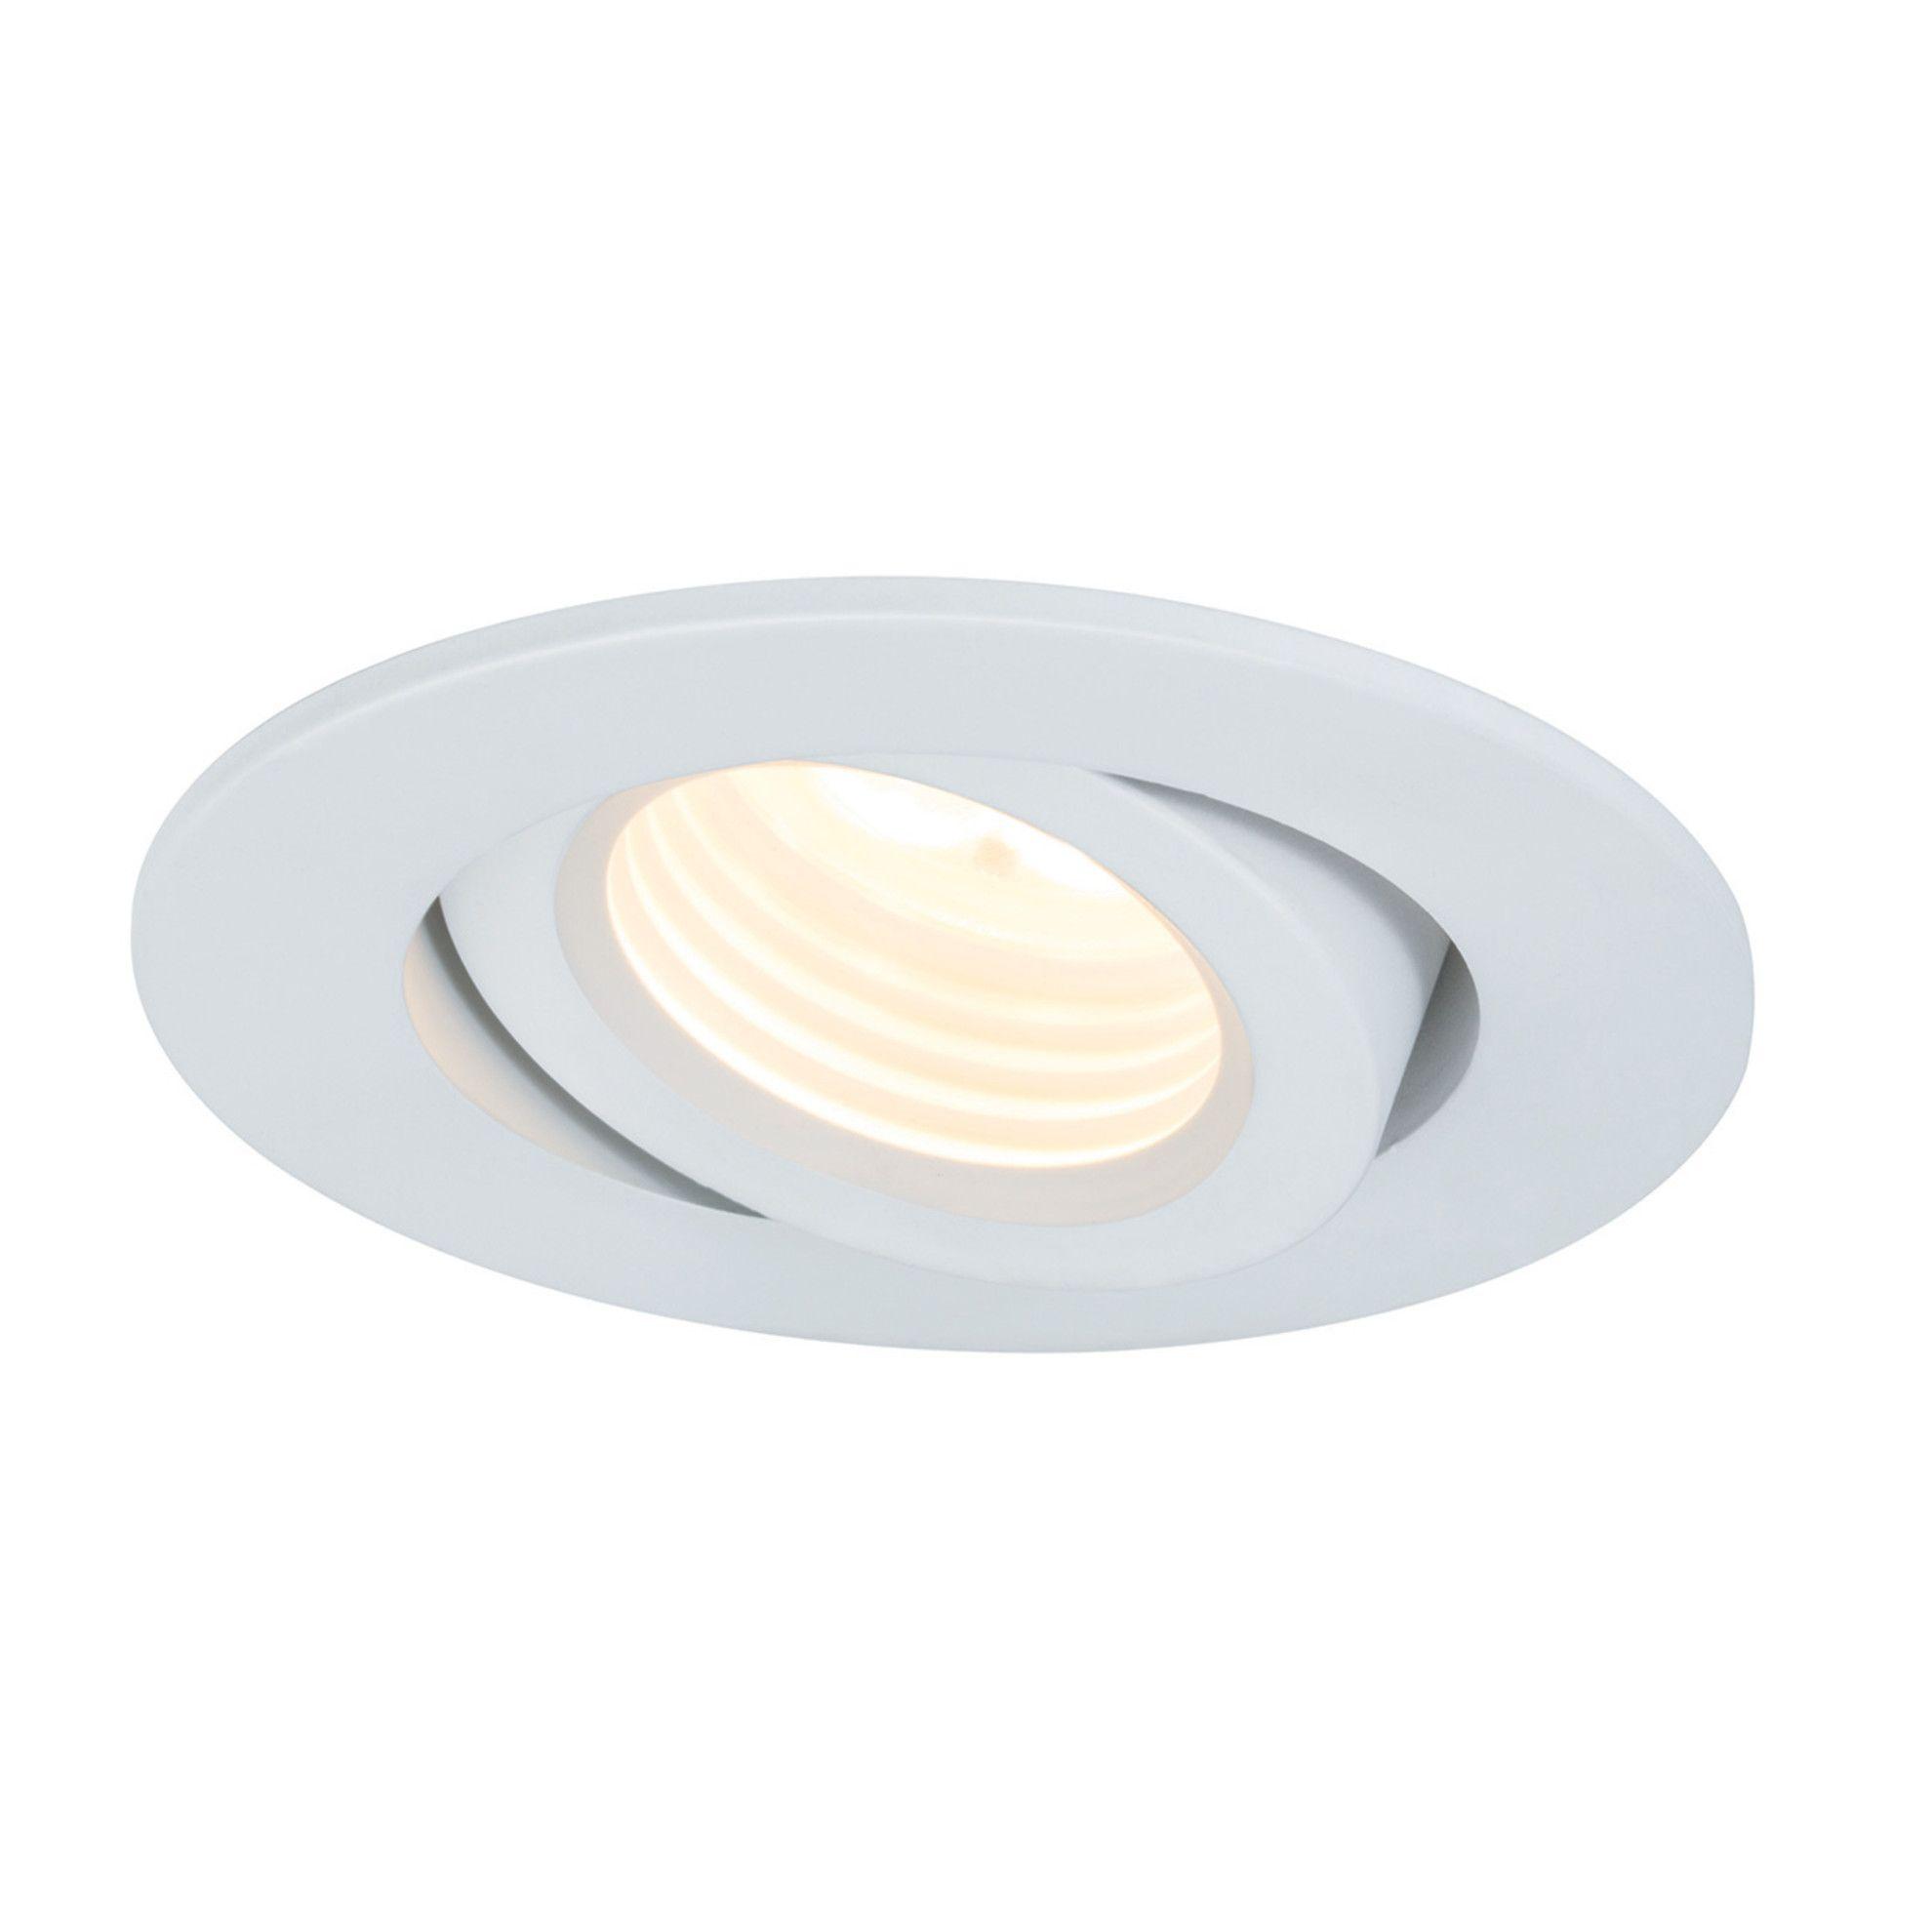 Faretto da incasso Premium Line bianco orientabile ovale Ø